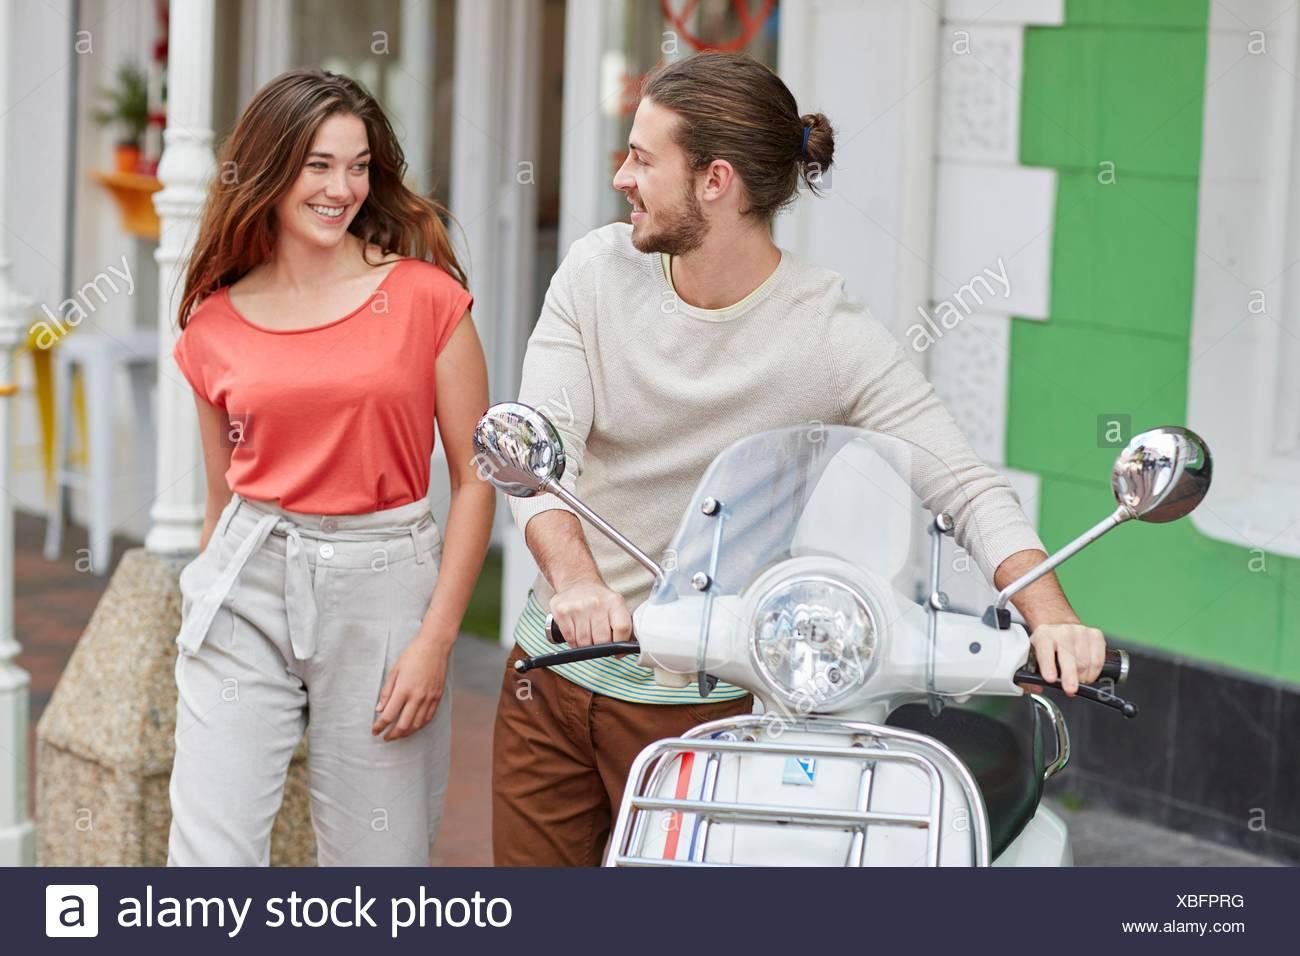 Parution du modèle. Jeune couple café à l'extérieur, man holding cyclomoteur. Photo Stock